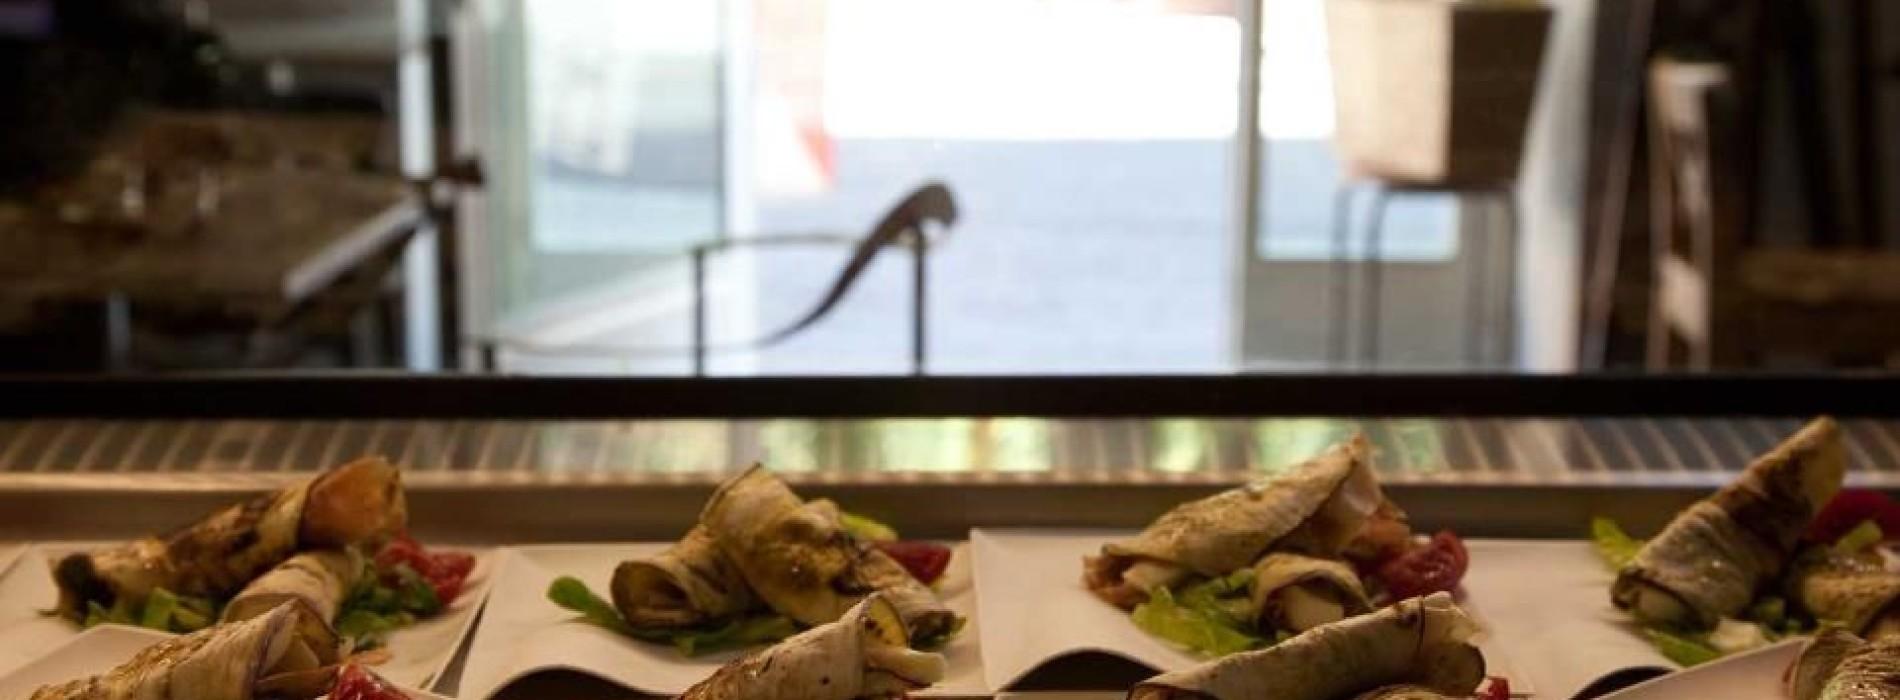 Ristoranti aperti ad agosto 2013: dove mangiare a Roma nonostante le ferie